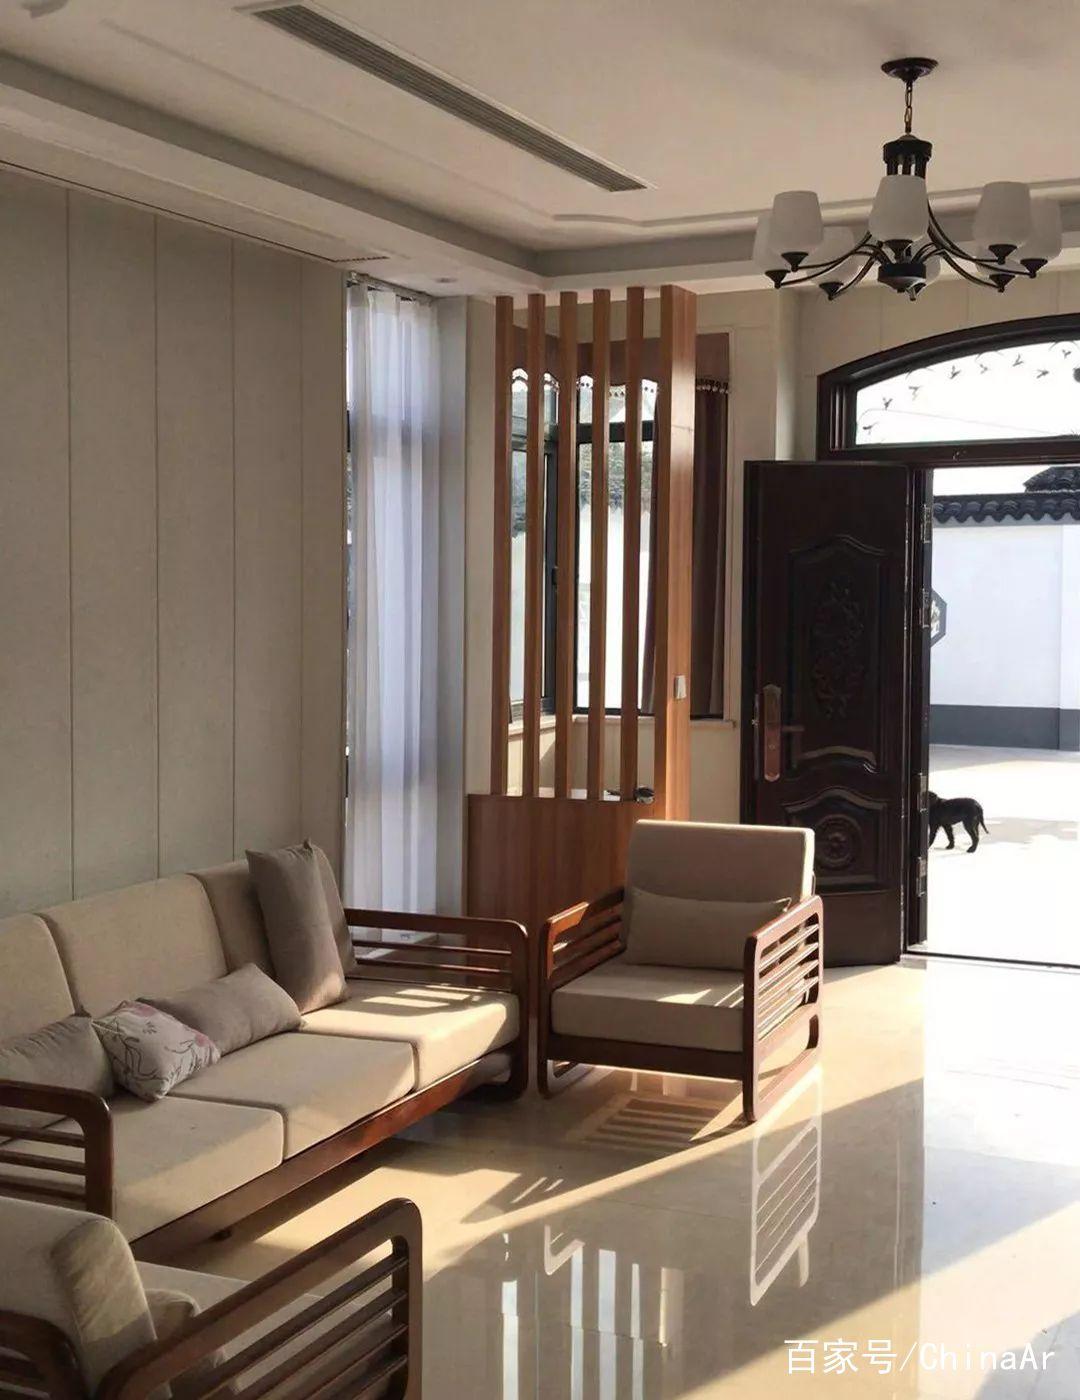 苏州张家港区域房屋与宅基地租赁或合作 头条 第17张